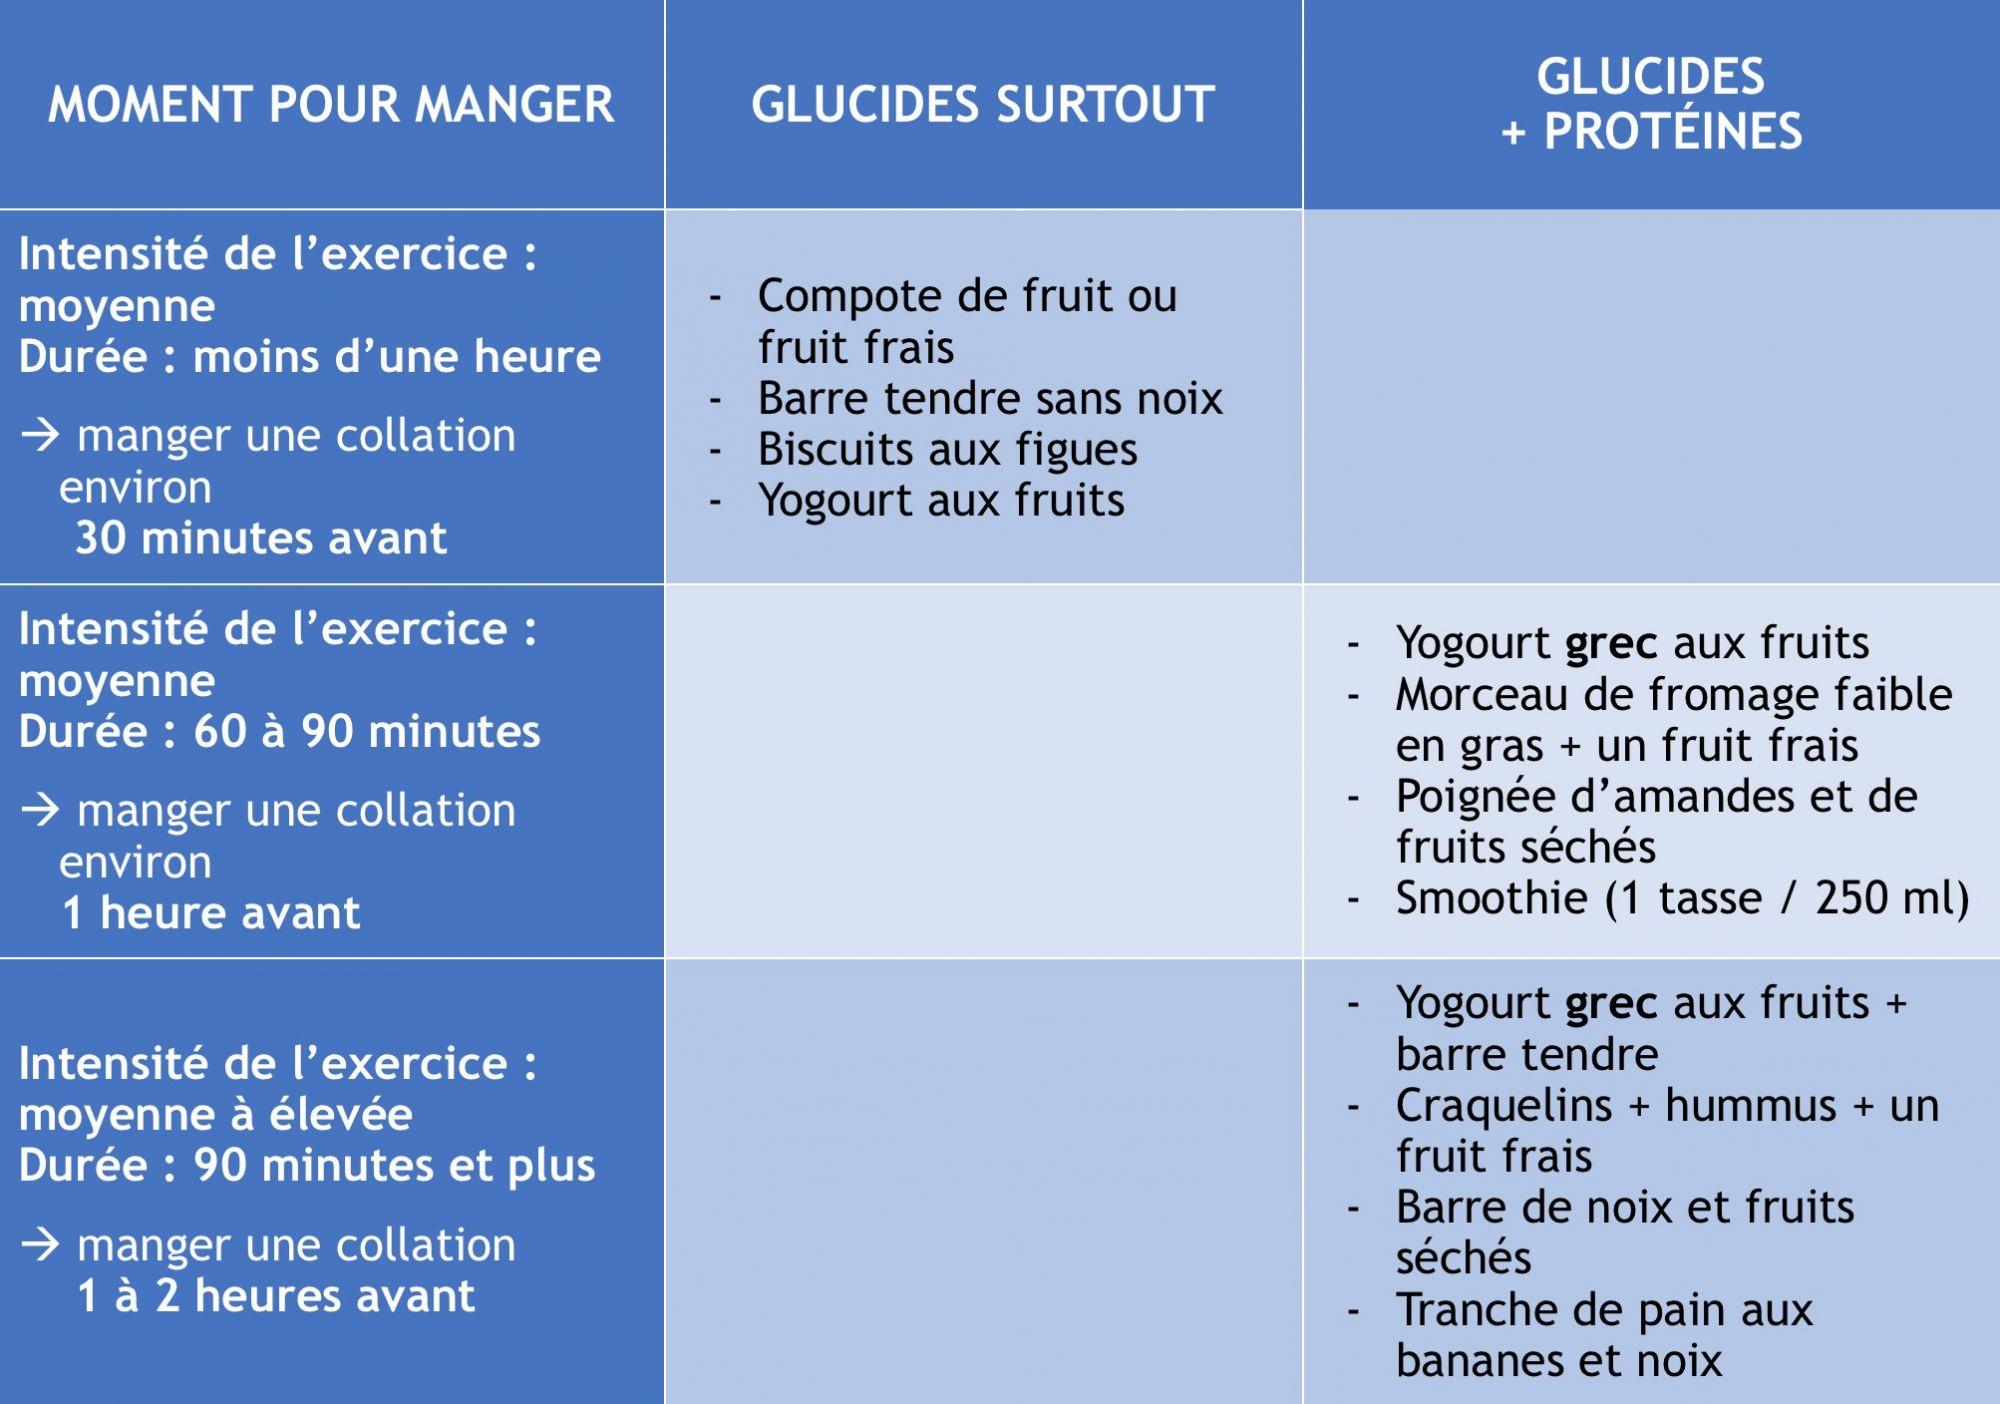 Moment pour manger; glucides et protéines